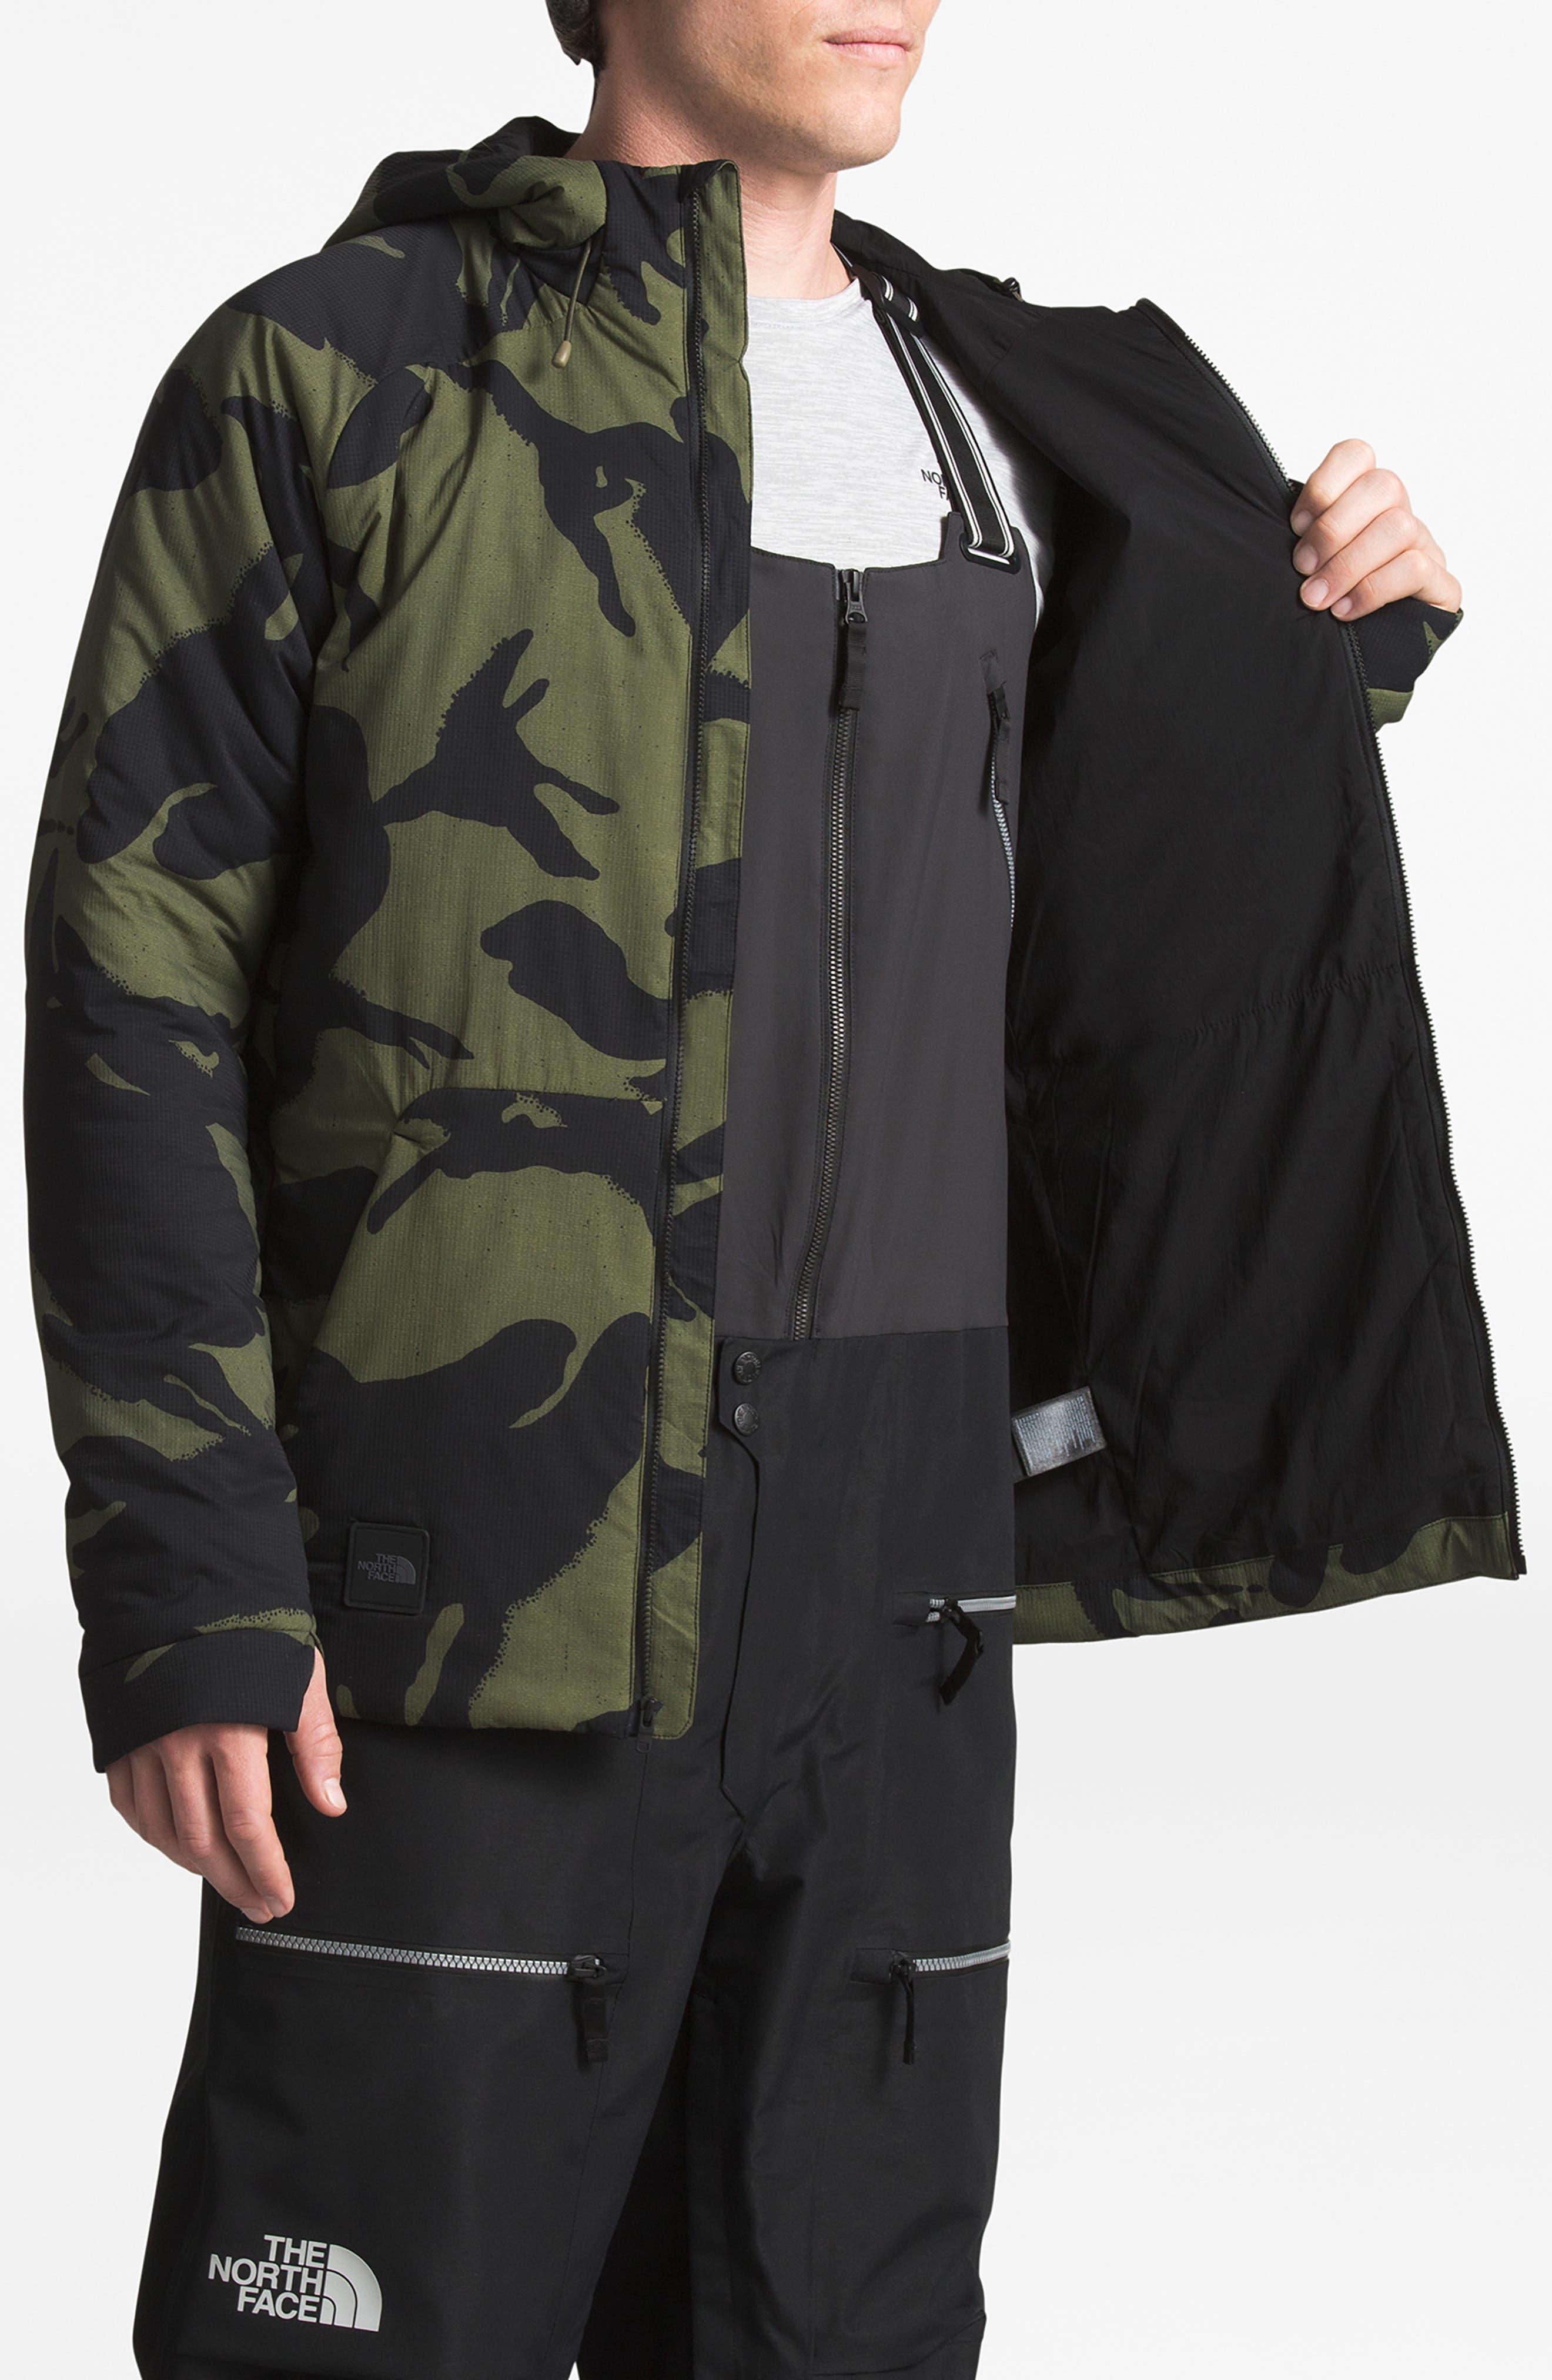 Lodgefather Ventrix<sup>™</sup> Ski Jacket,                             Alternate thumbnail 4, color,                             BURNT OLIVE GREEN DISRUPT